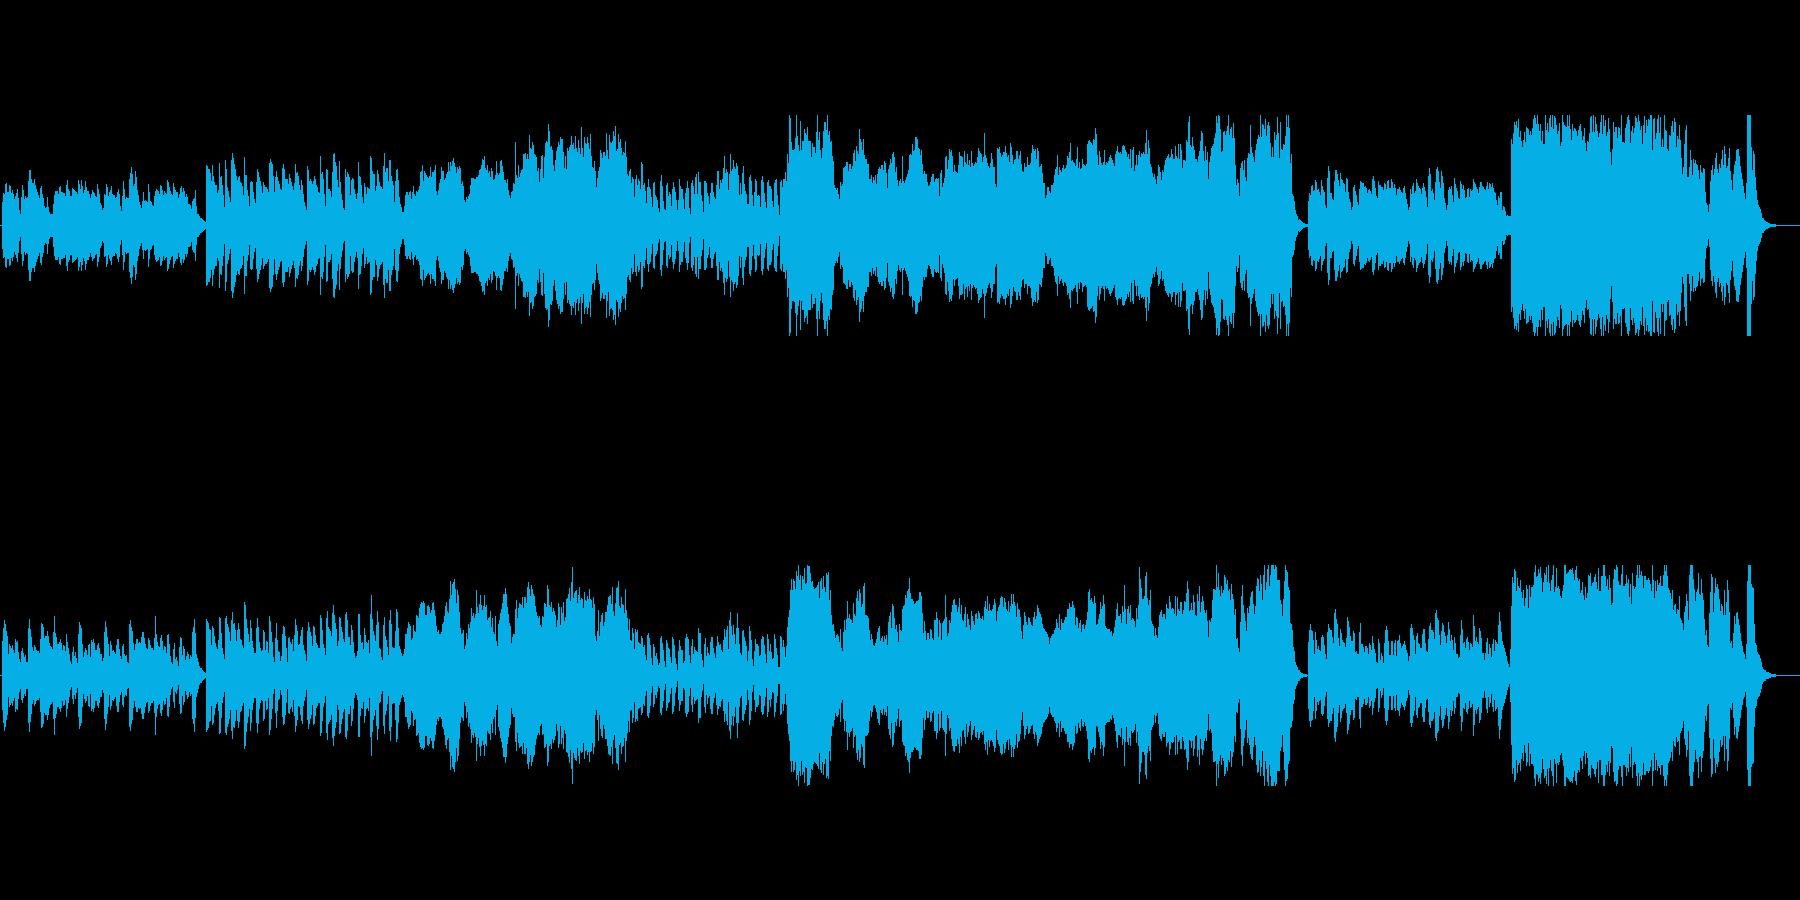 楽しさと不気味さが混在するハロウィンの曲の再生済みの波形